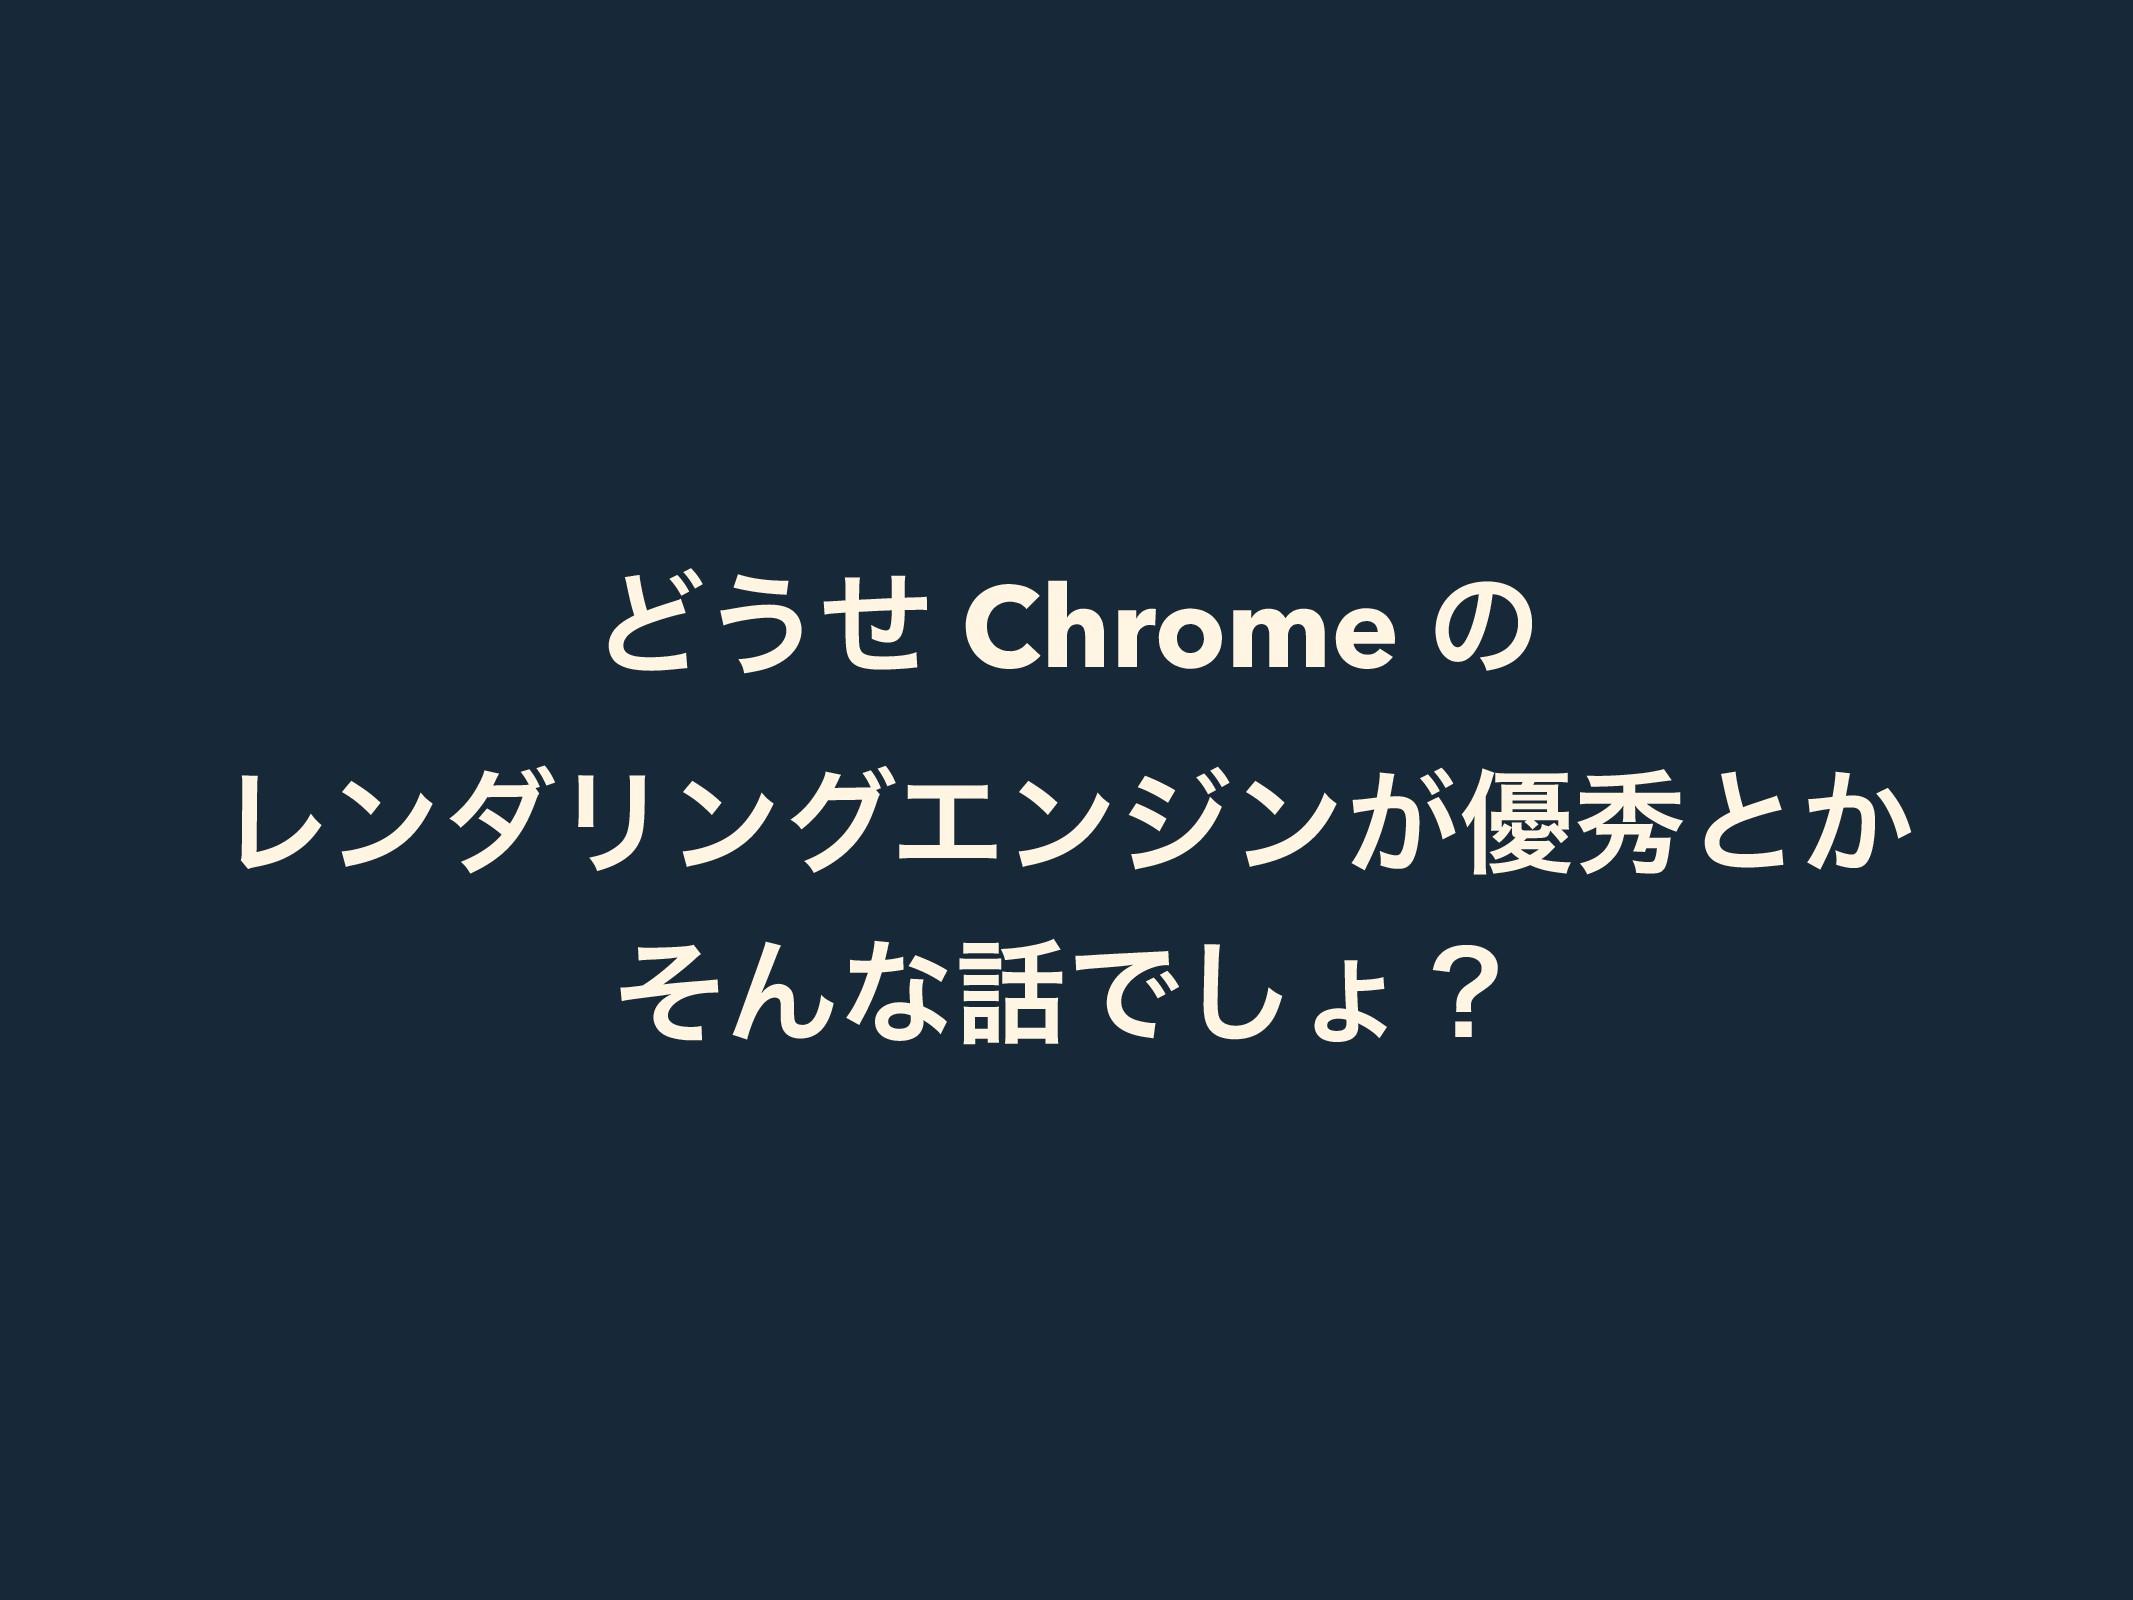 Ͳ͏ͤ Chrome ͷ ϨϯμϦϯάΤϯδϯ͕༏लͱ͔ ͦΜͳͰ͠ΐʁ